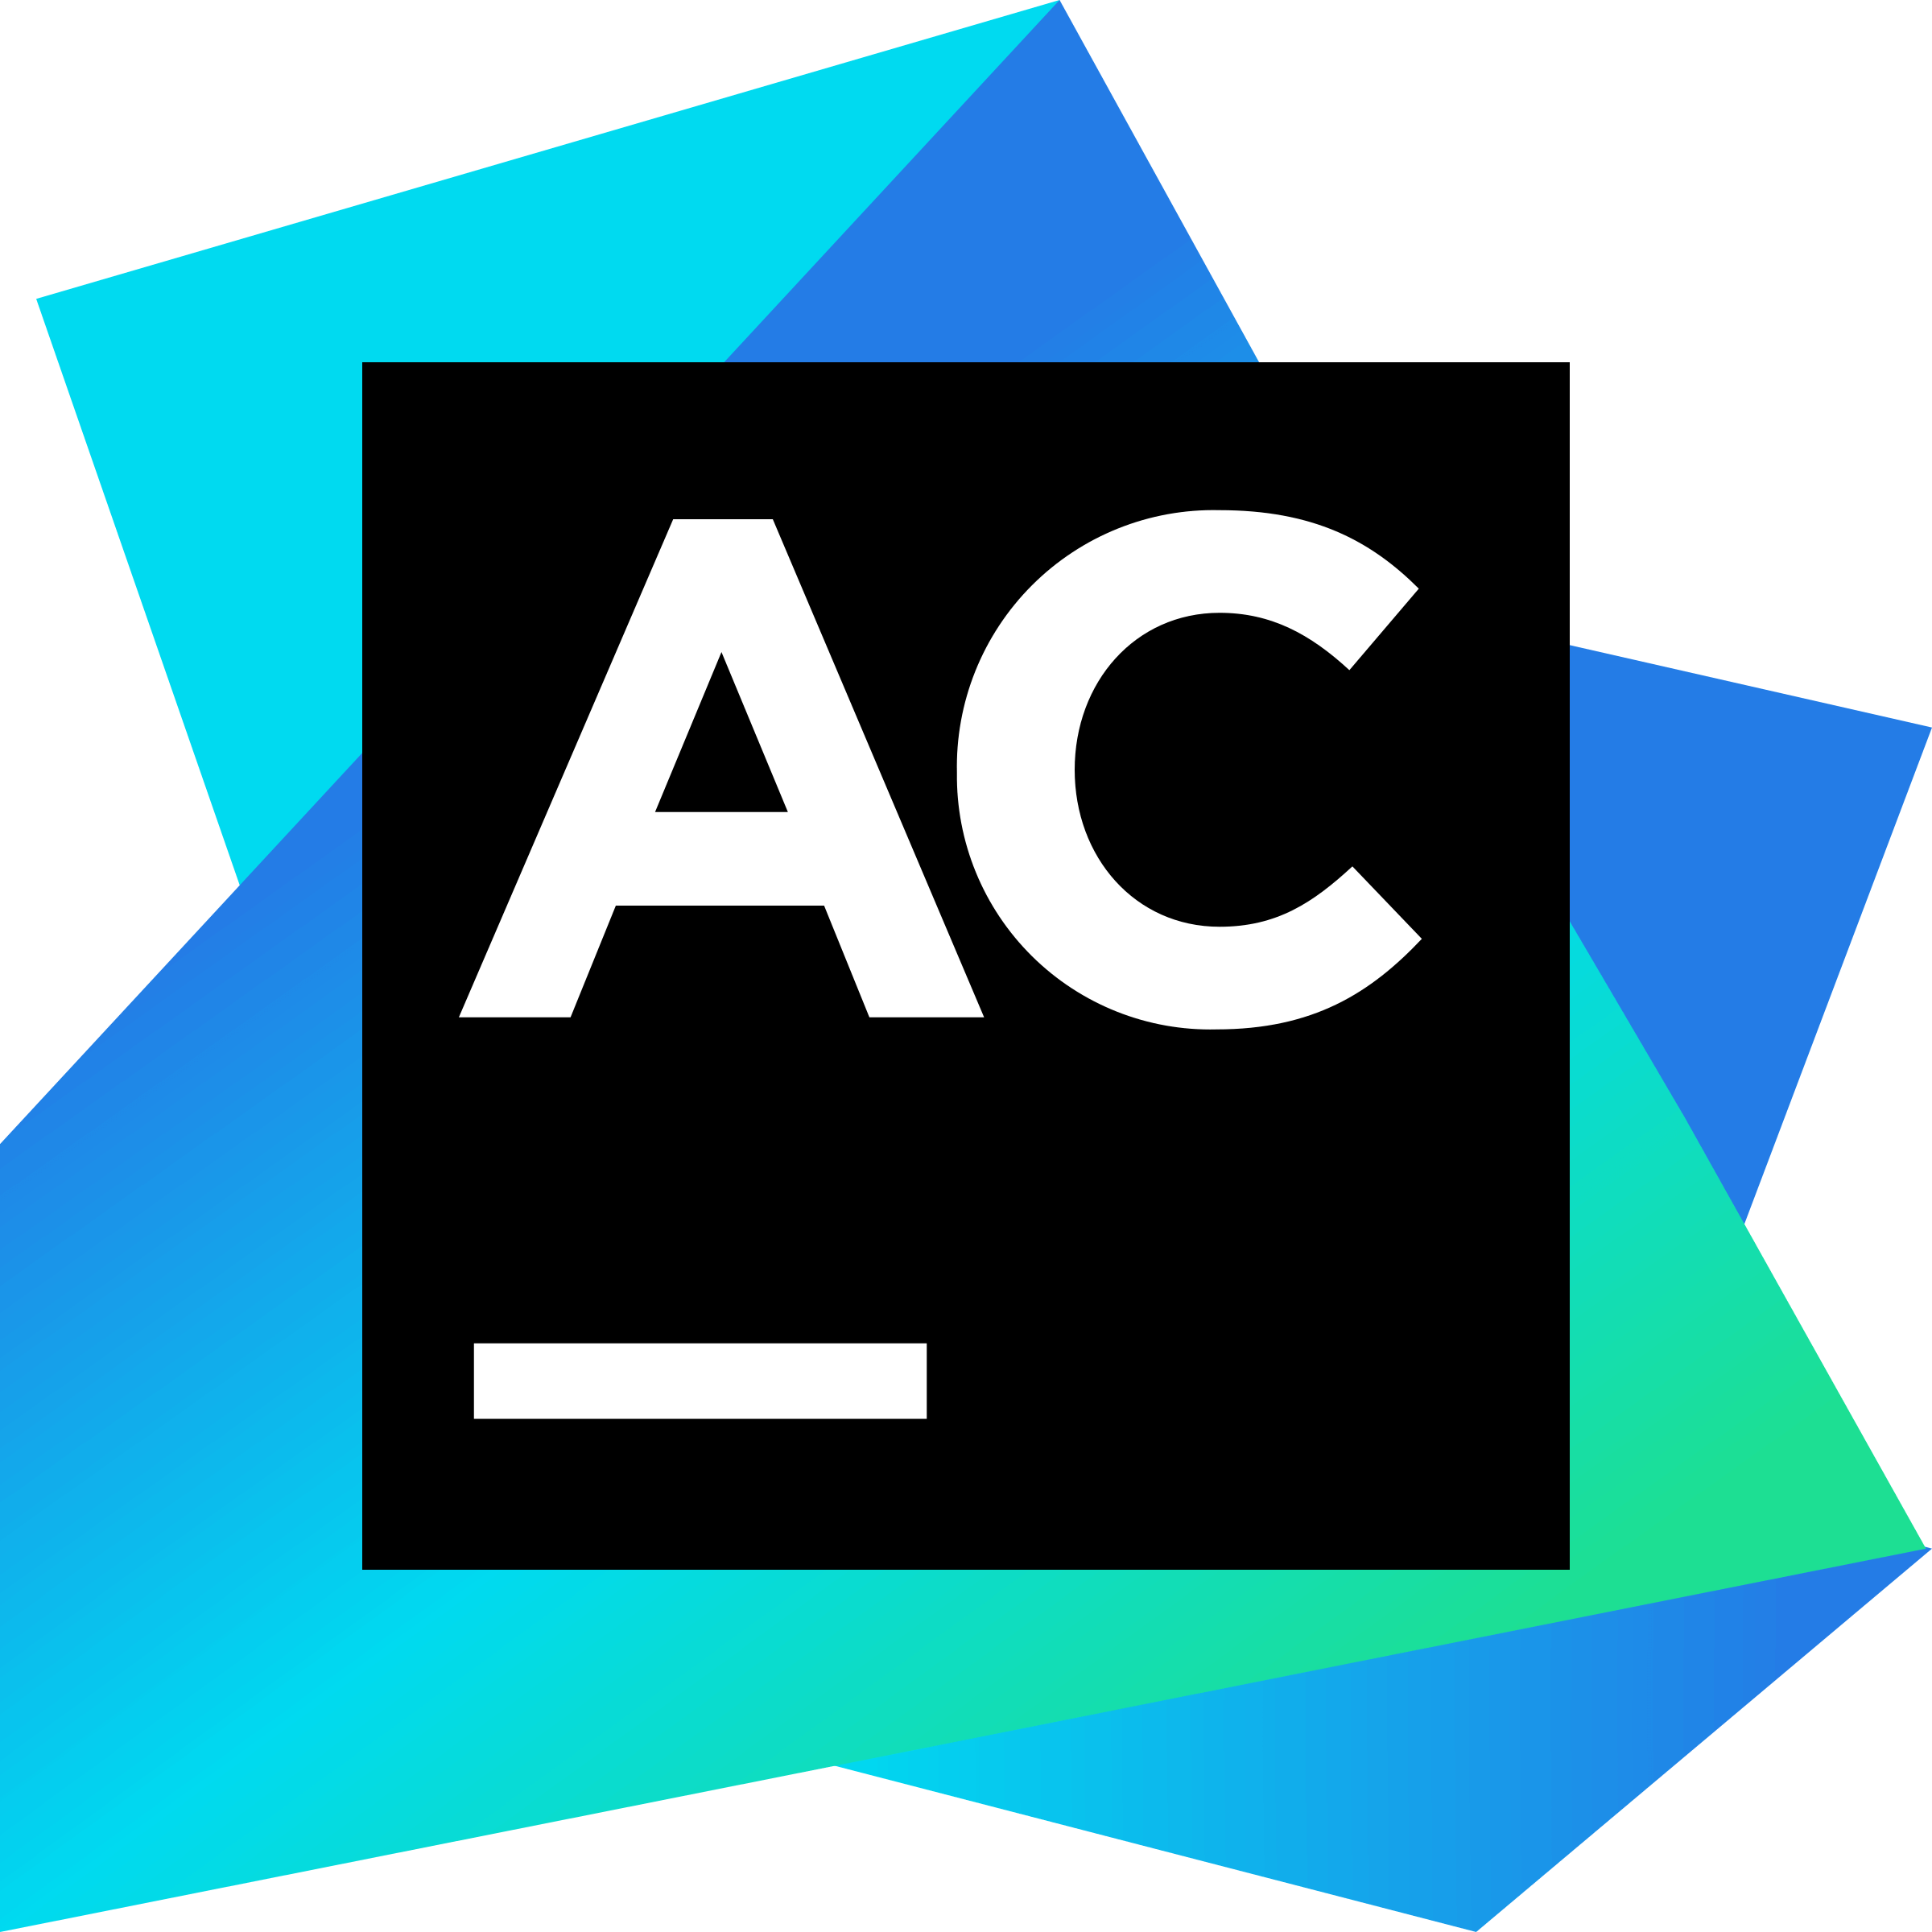 appcode_iOS dev tools